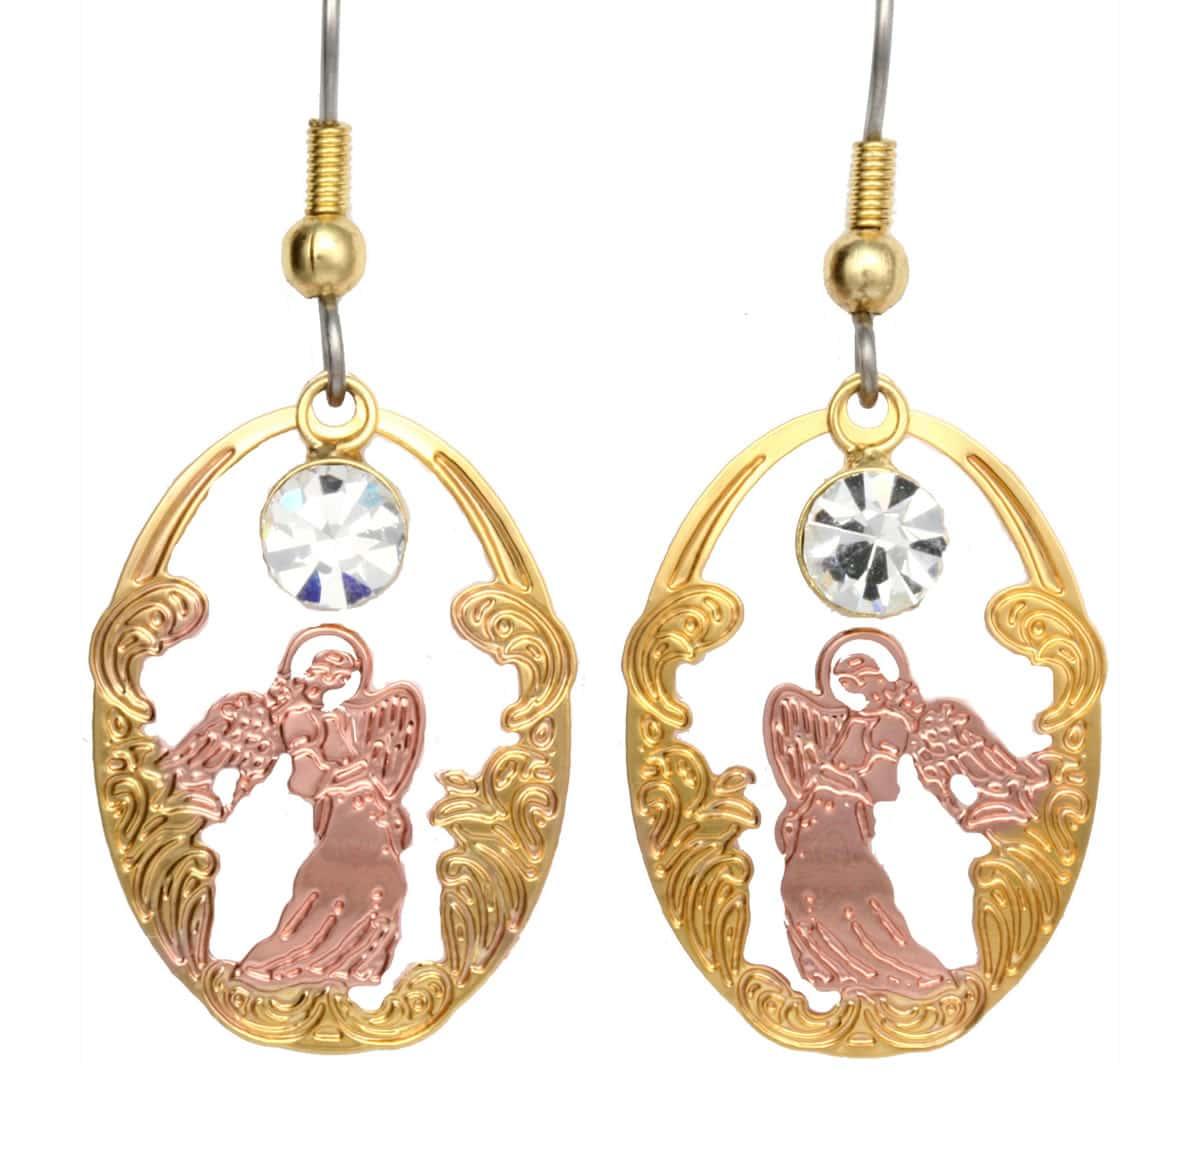 Angel Cutout Earrings